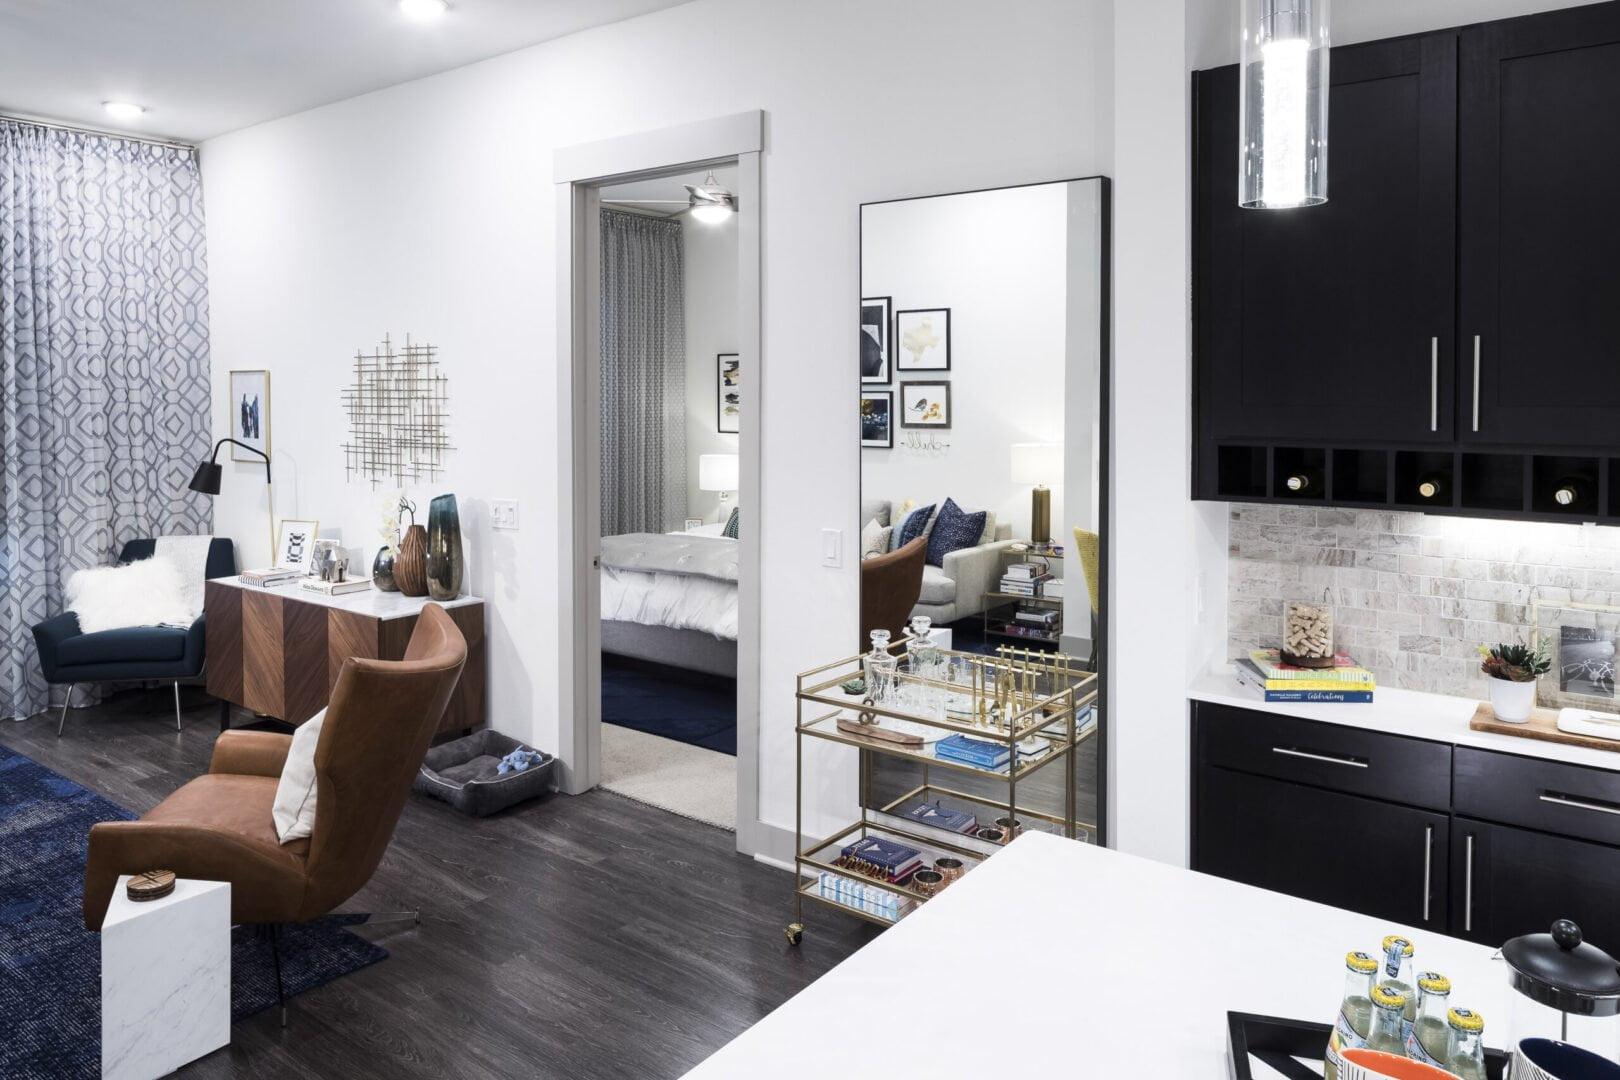 apartment locator service frisco tx